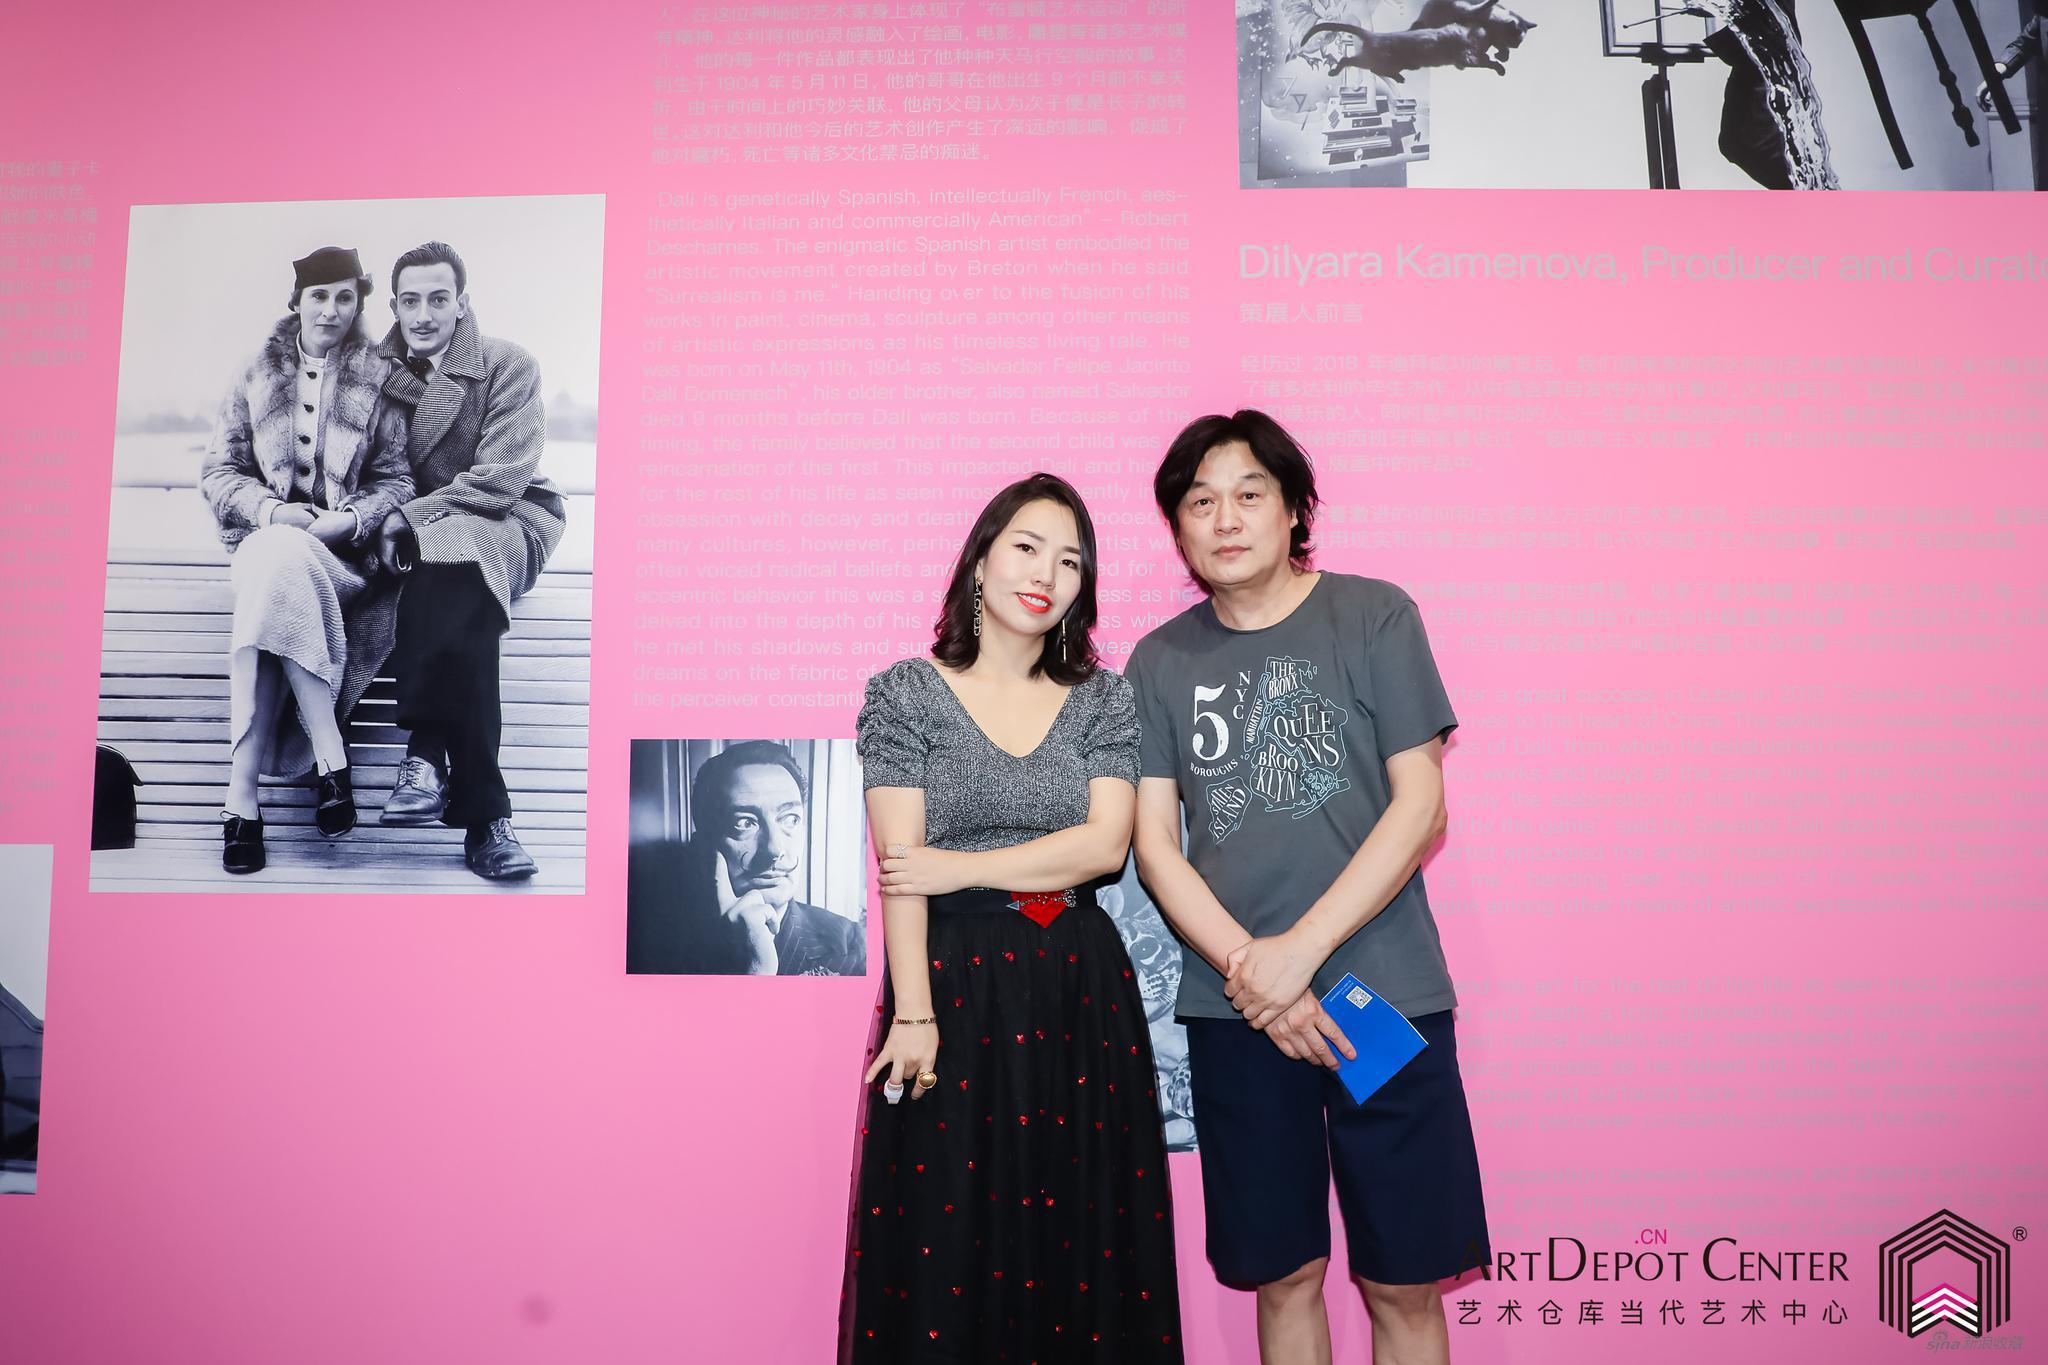 ArtDepot艺术仓库创始人,本次中方策展人Serena Zhao与艺术家马树青